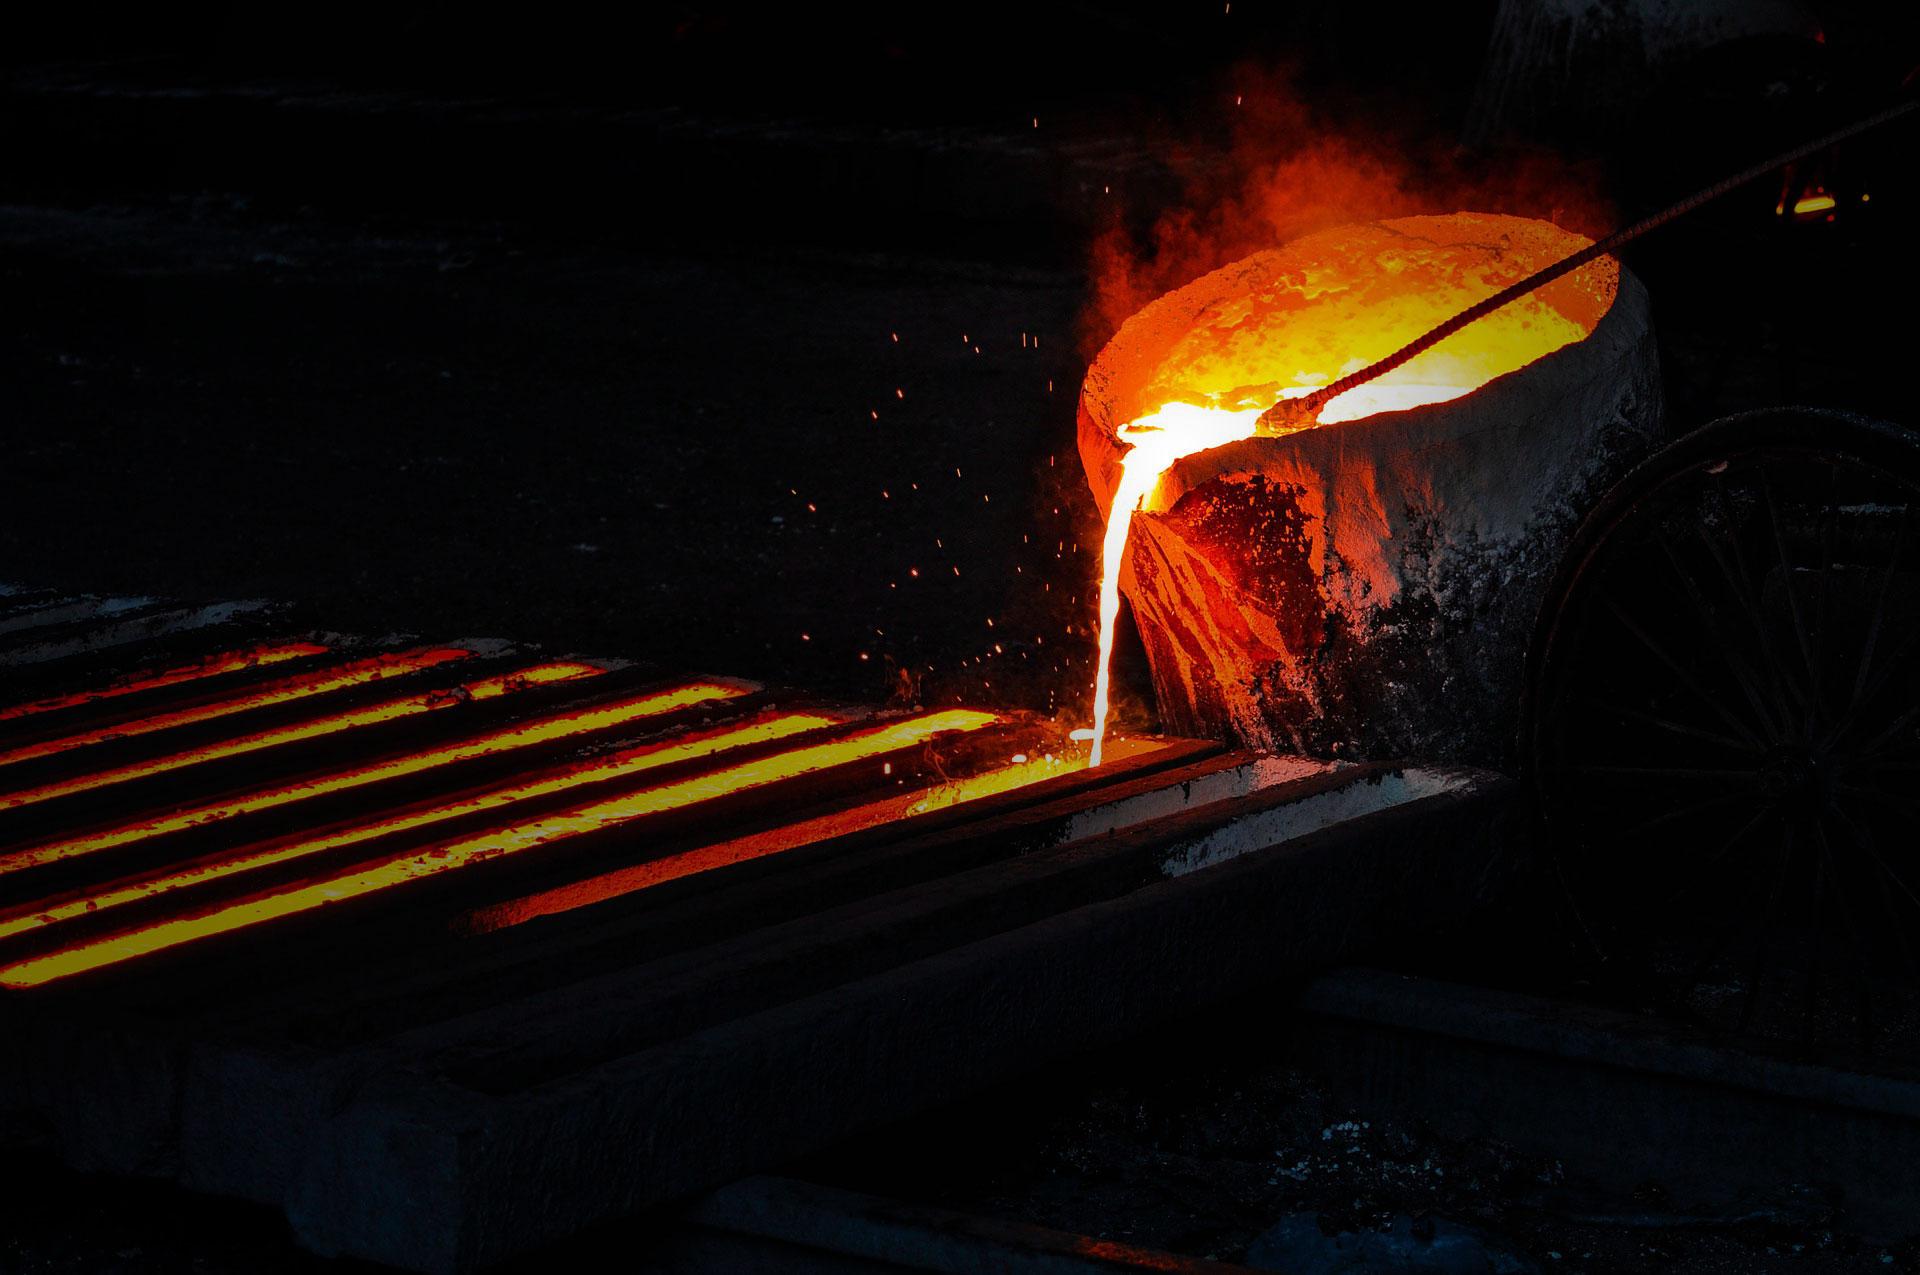 Roztavený kov vlévaný do formy